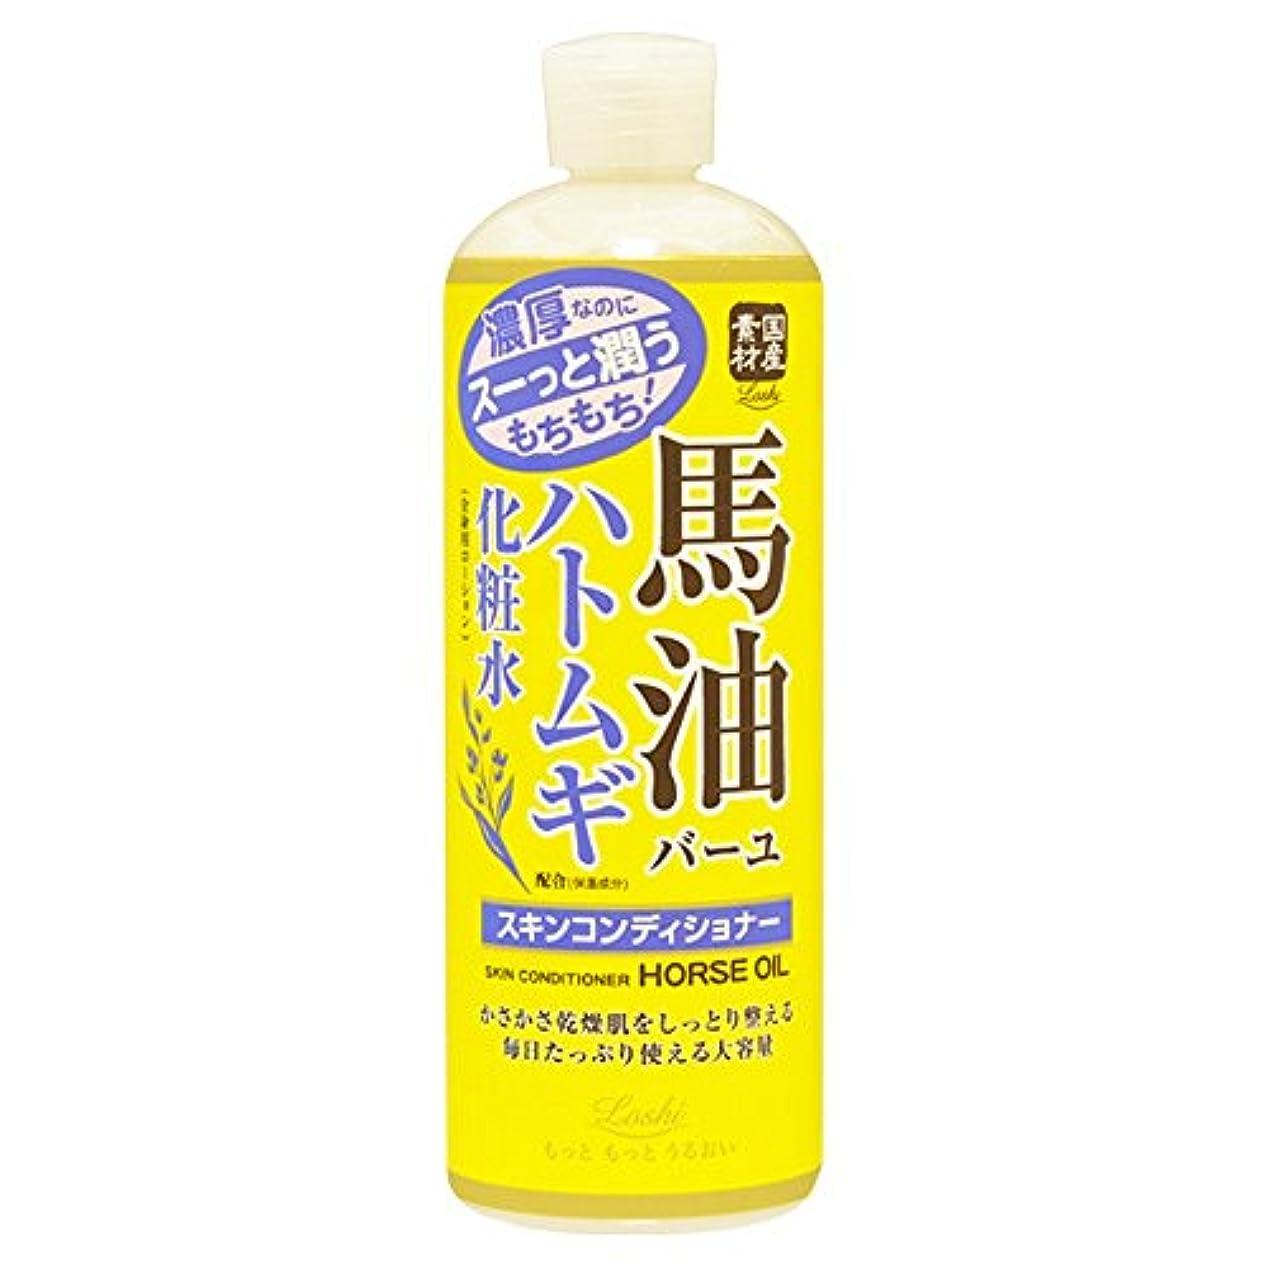 ボイラー日常的に葬儀ロッシモイストエイド スキンコンディショナー 馬油&ハトムギ 500ml (化粧水 ローション 高保湿)